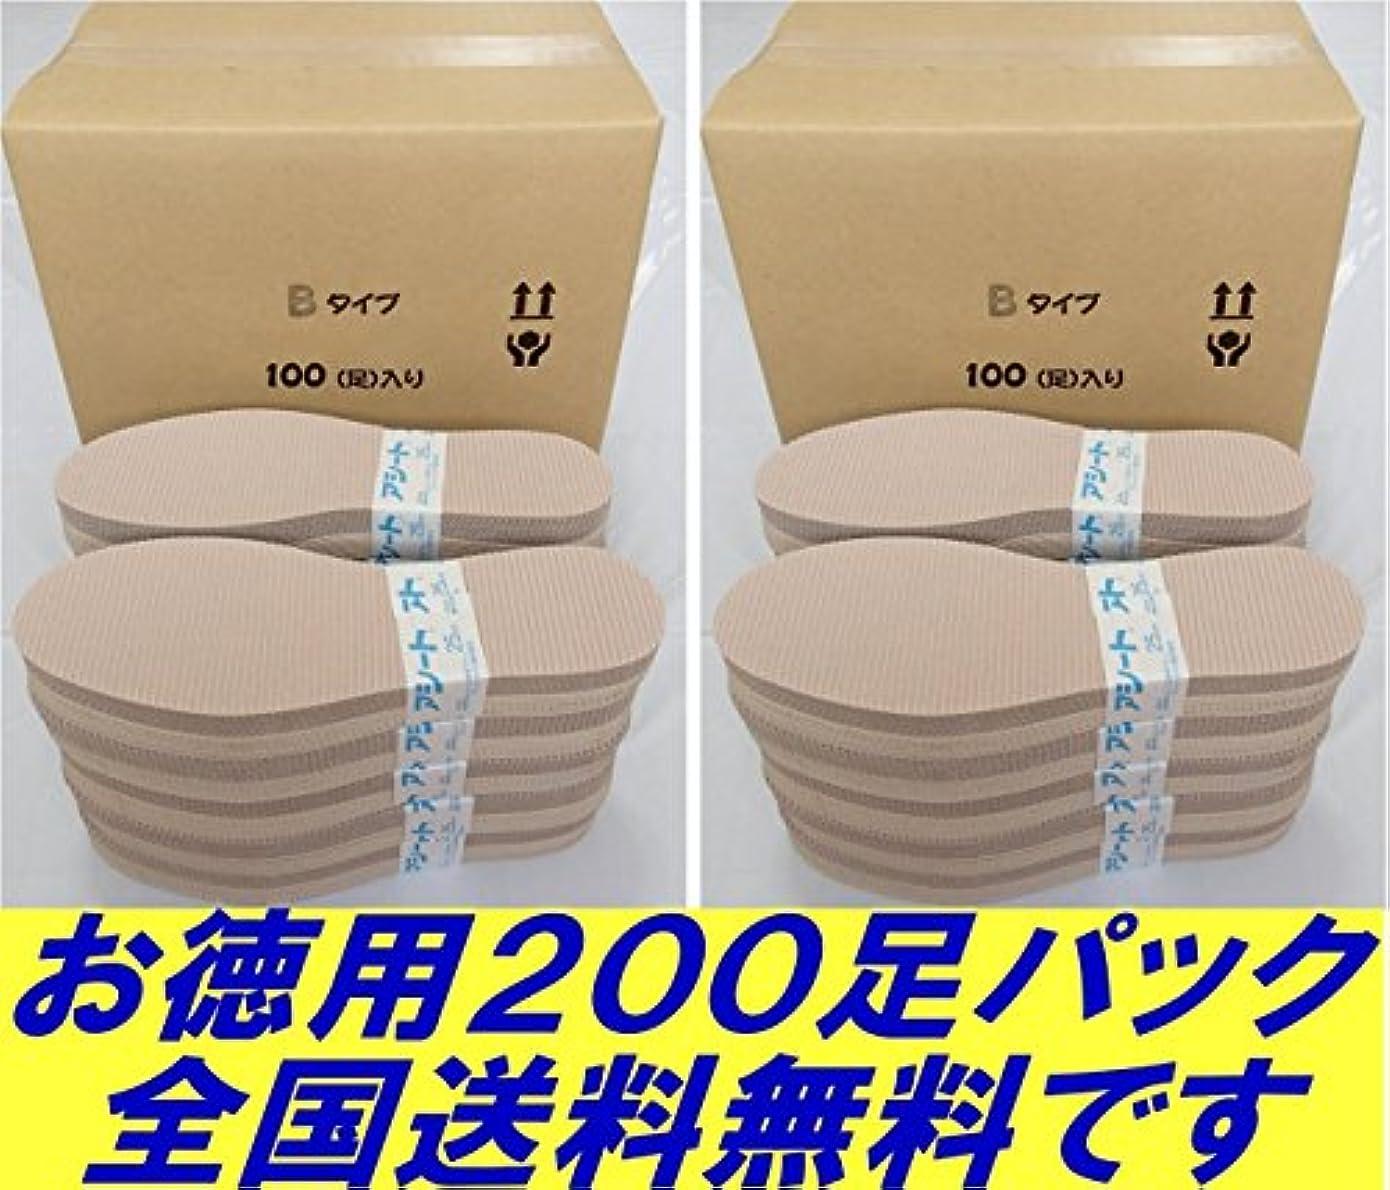 数学ベイビー連想アシートBタイプお徳用パック200足入り (24.5~25.0cm パンプス用)